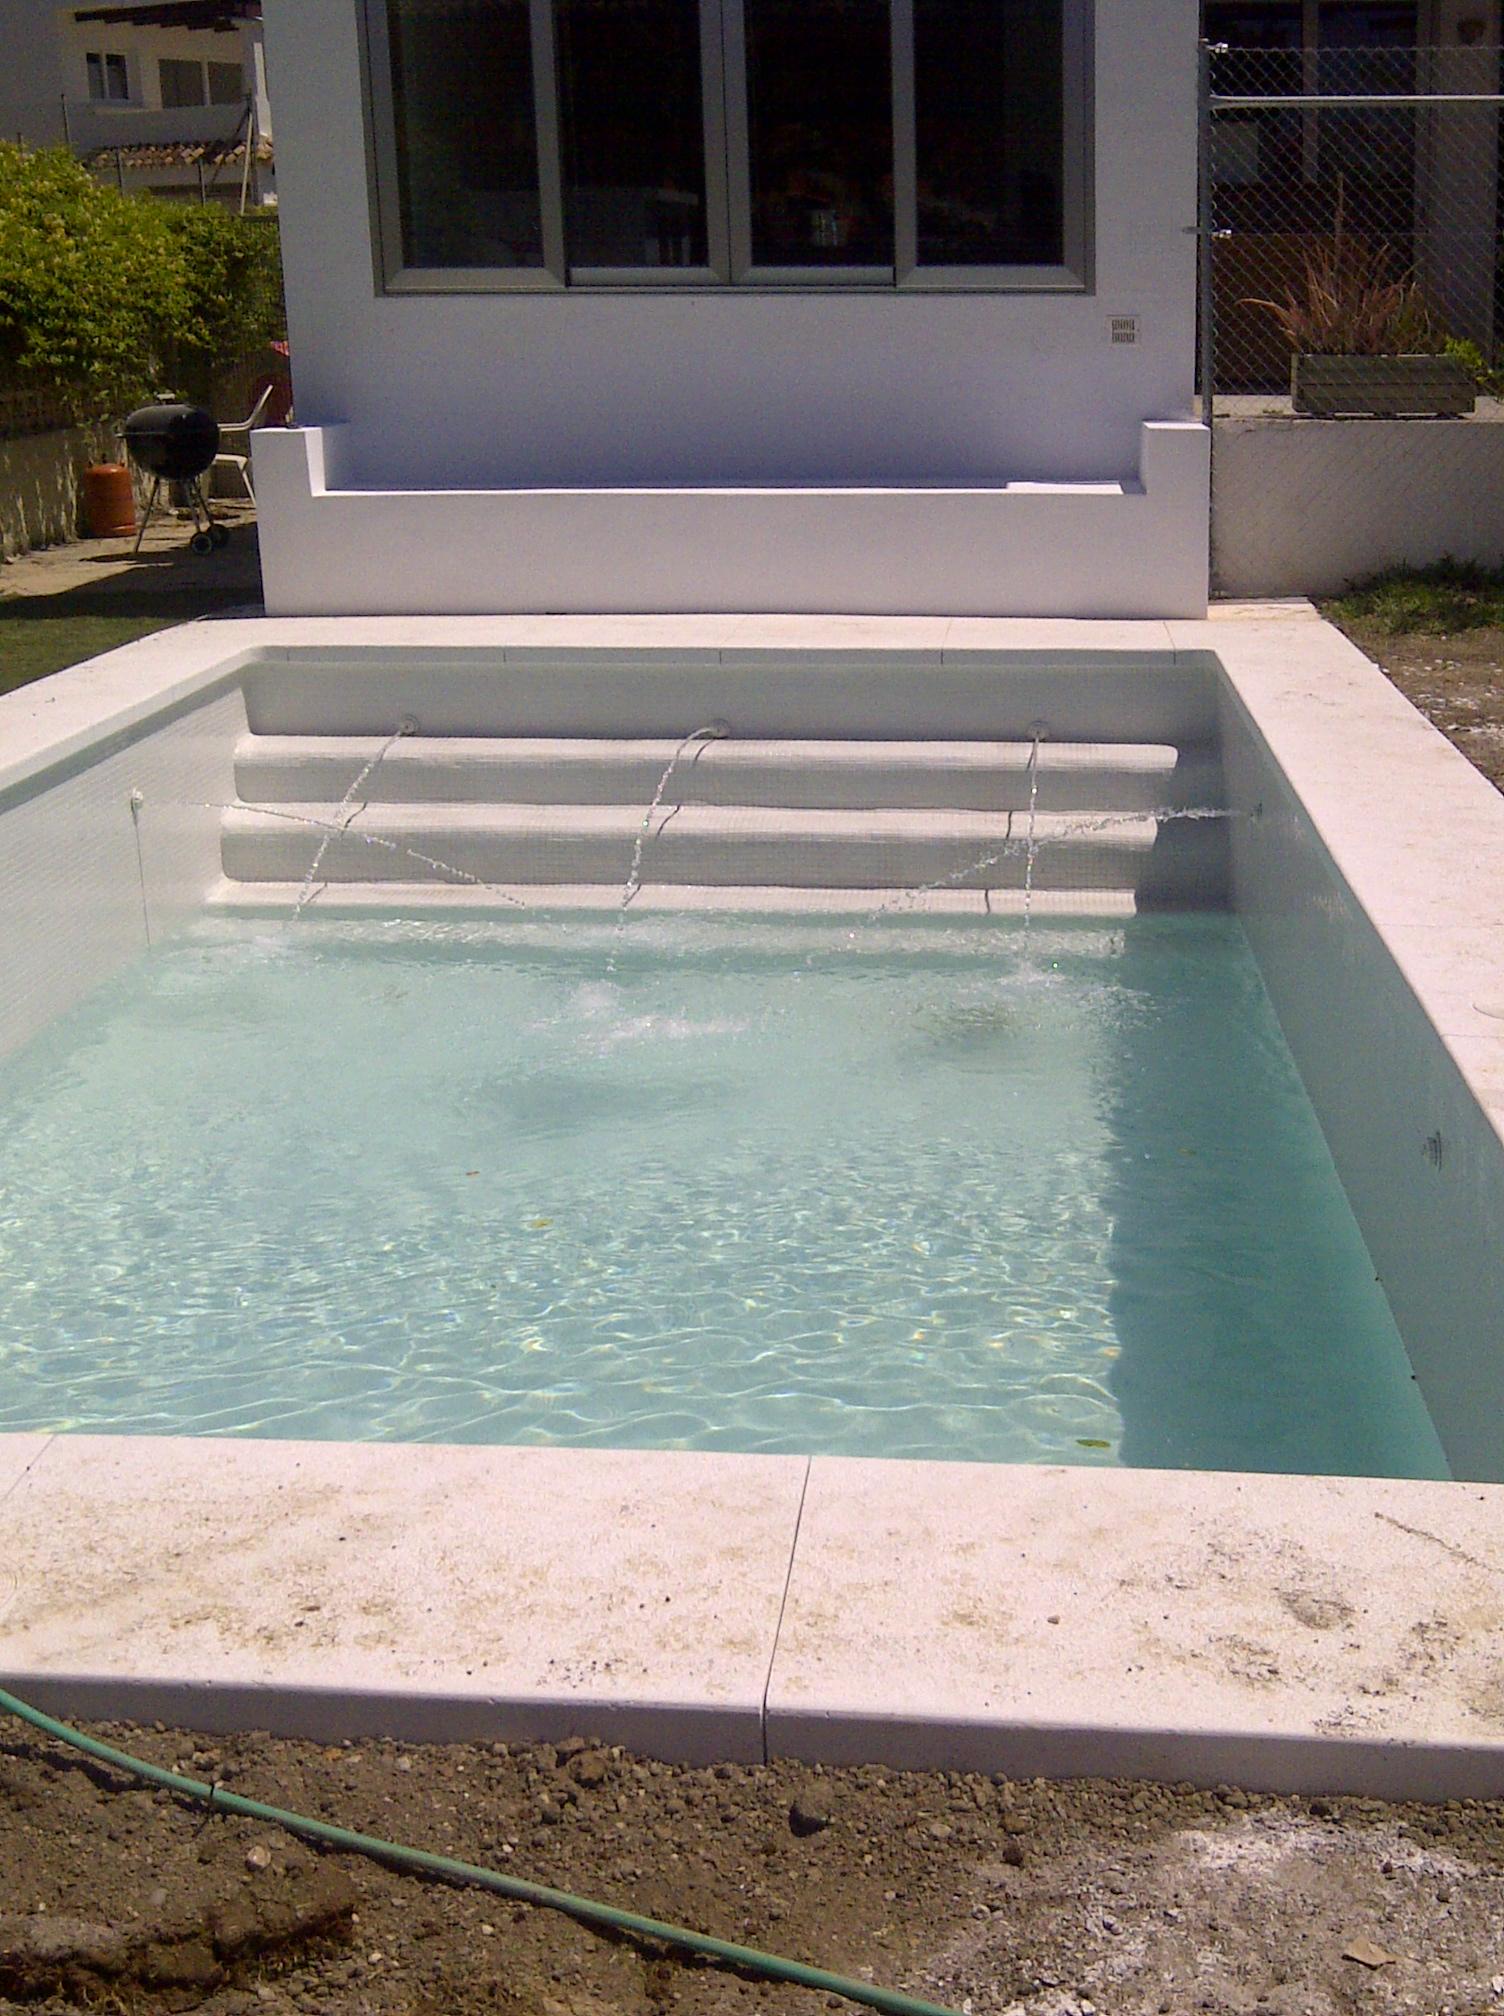 Piscinas jardines y piscinas borrego for Suministros para piscinas